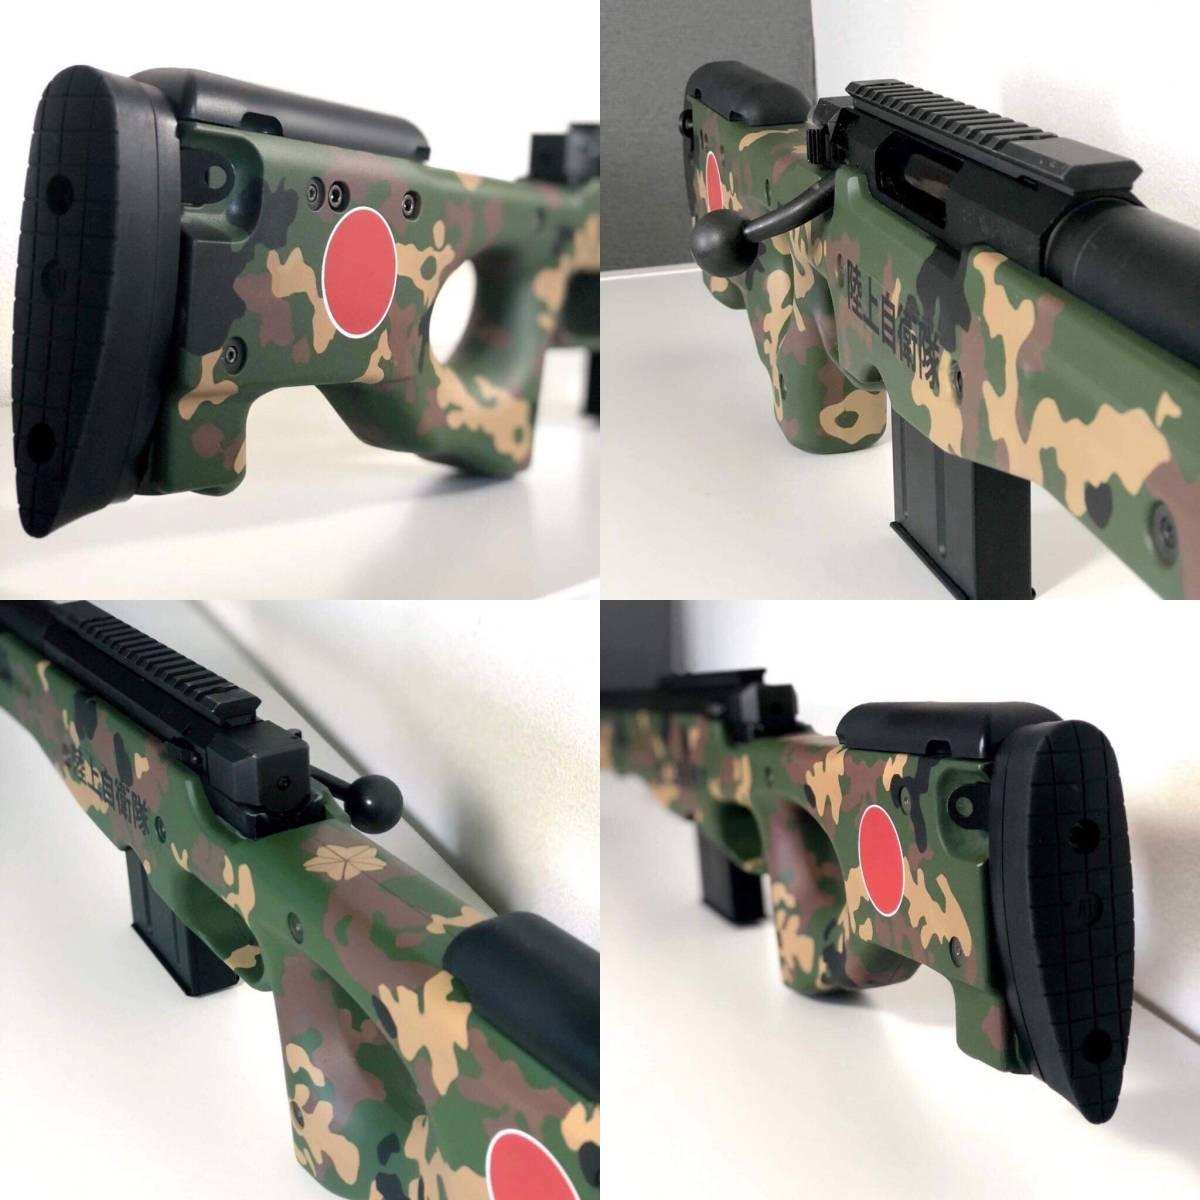 キャンセルのため再出品 l96 AWS 陸上自衛隊カスタム 流速チューン 内外カスタム重量弾使用(検マルイm4 Hk416 ksc hk45 kwa g&g ump p90